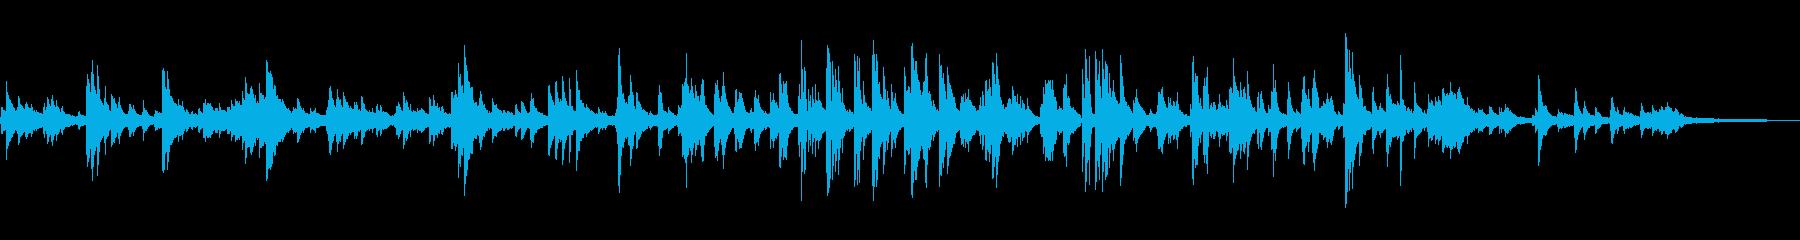 ディズニー映画「シンデレラ」でお馴染みのの再生済みの波形